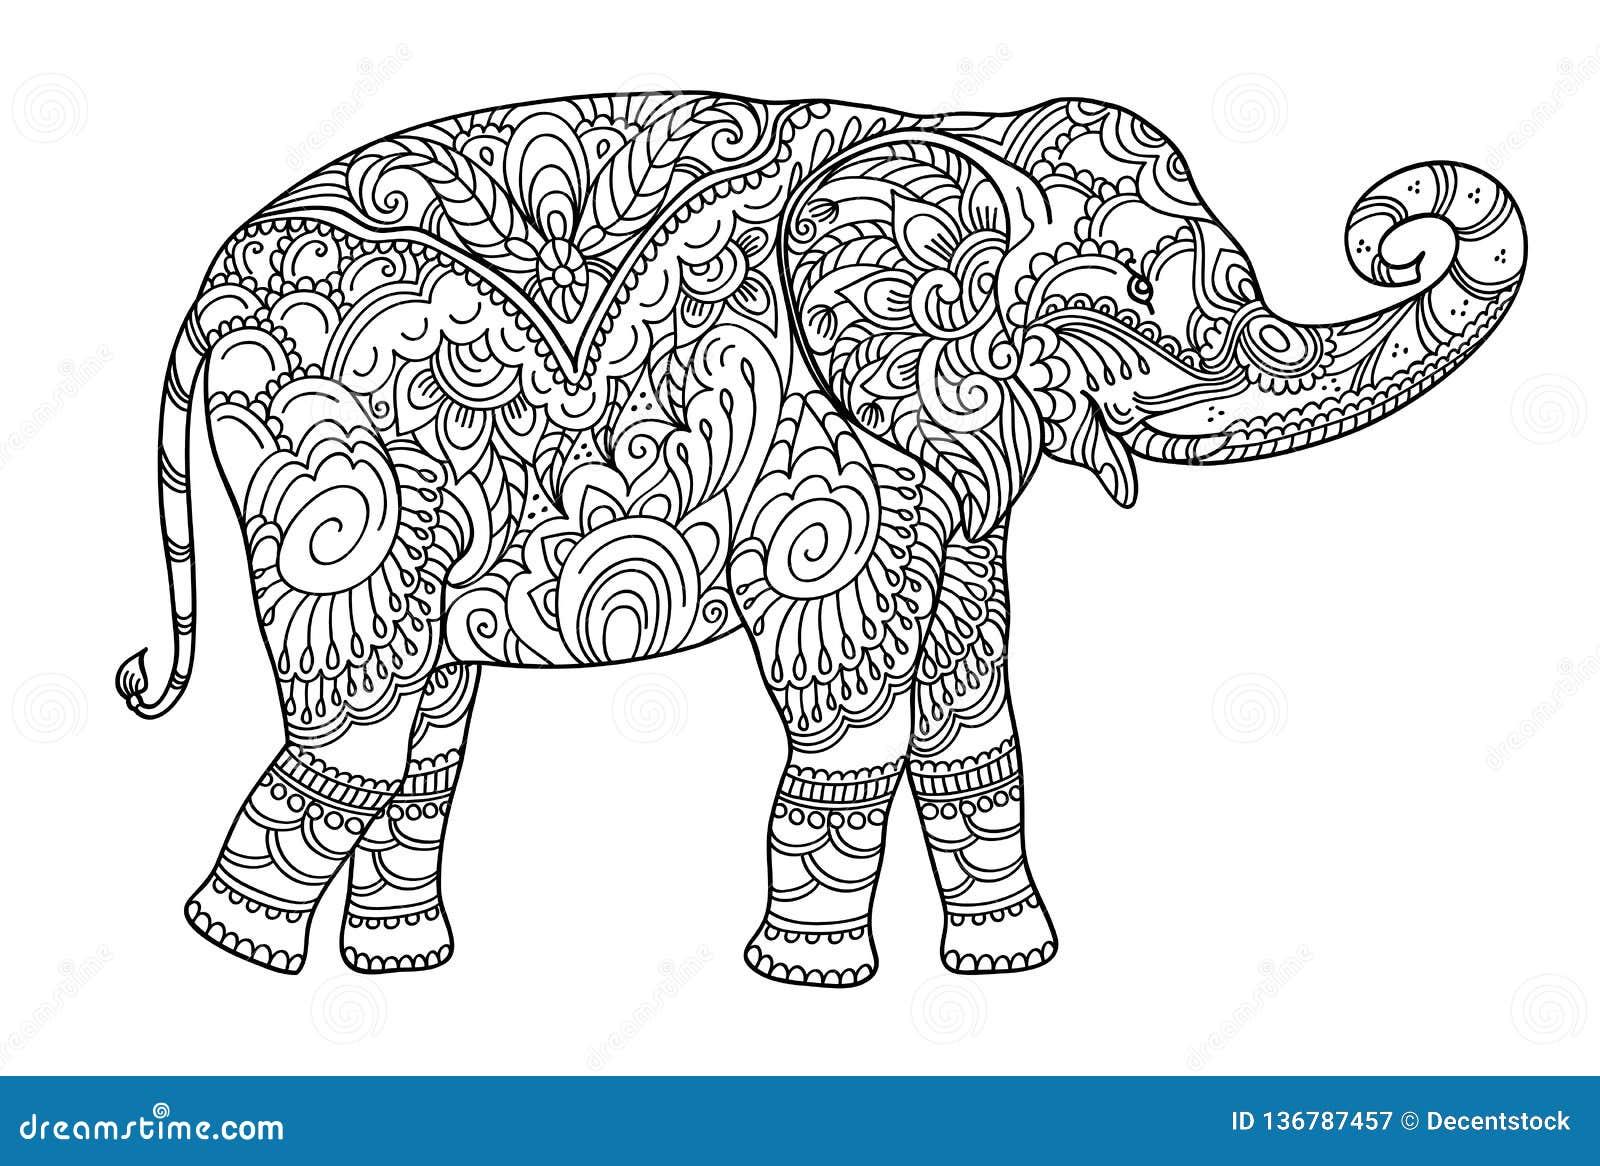 Coloriage Poisson Elephant.Elephant De Dessin De Zentangle Pour Livre De Coloriage Pour L